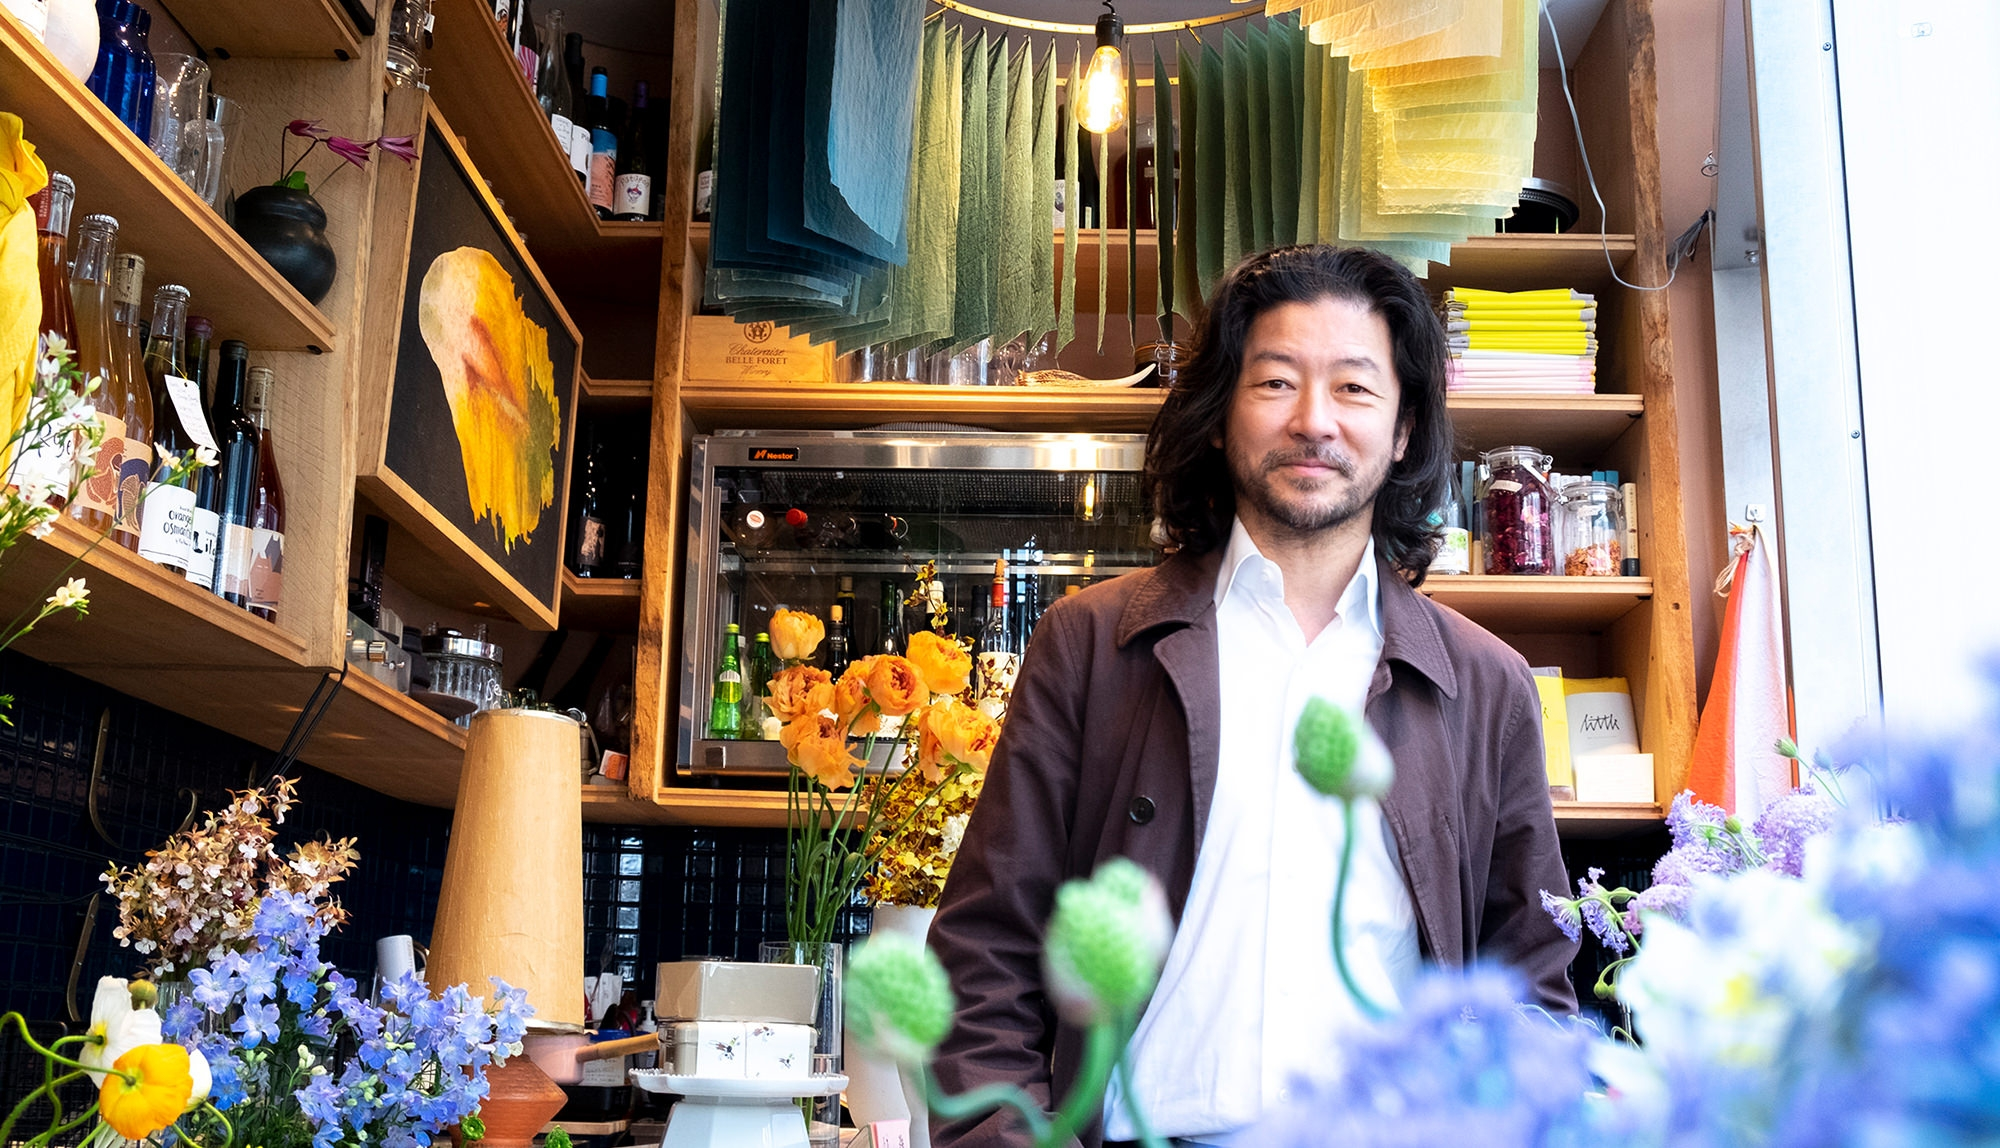 浅野忠信×THE LITTLE BAR OF FLOWERS/H.P.DECO アート感のある暮らし|花とアートに魅せられて